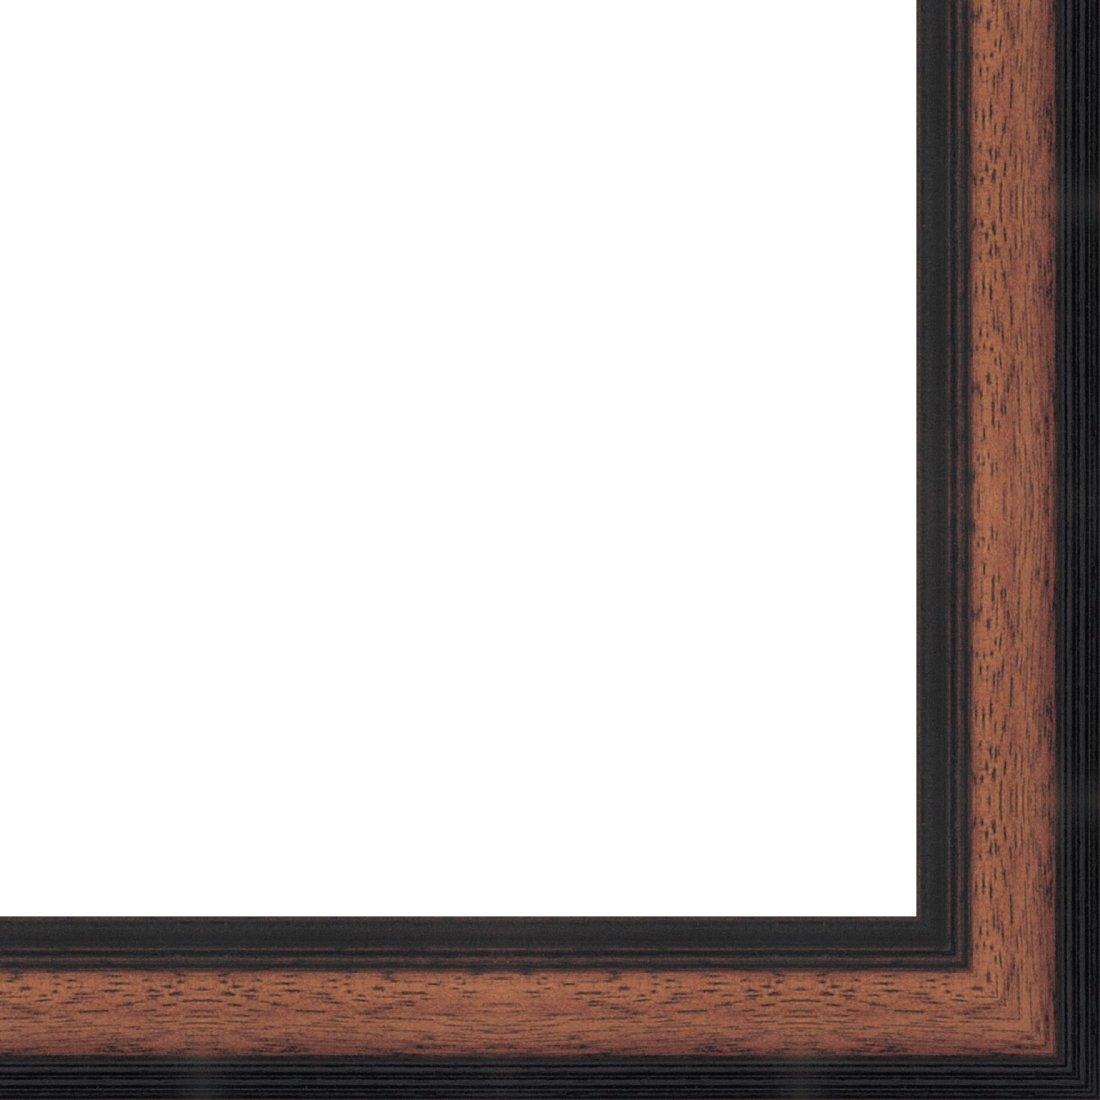 Picture Frame Moulding (Wood) 18ft bundle - Traditional Walnut Finish - 1.25'' width - 7/16'' rabbet depth